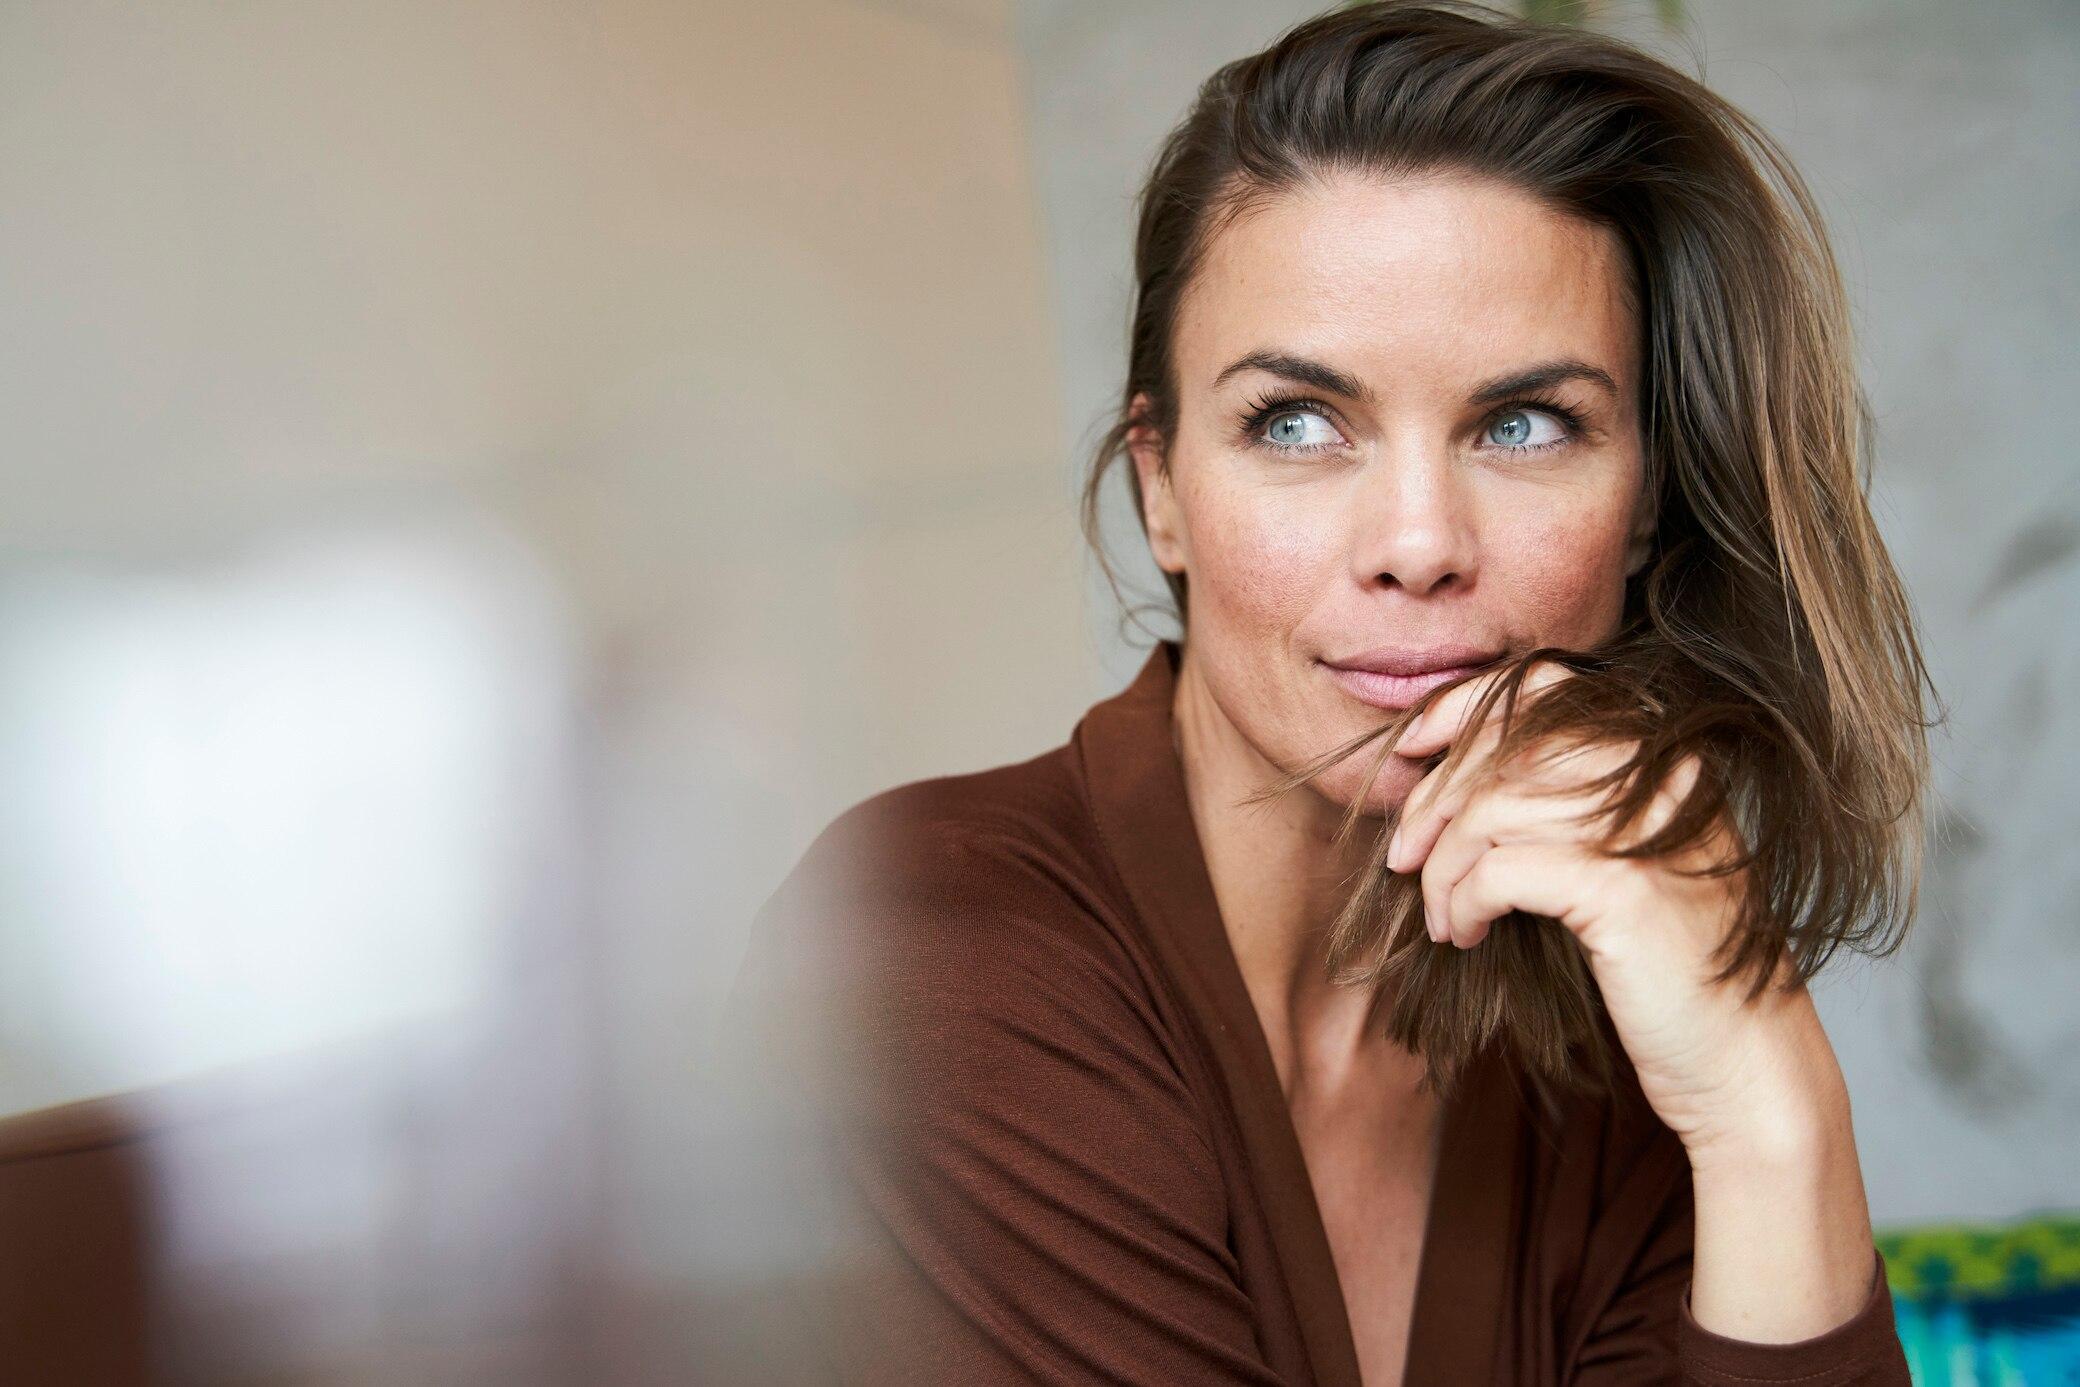 Hormonersatztherapie in den Wechseljahren – alle Infos - STYLEBOOK